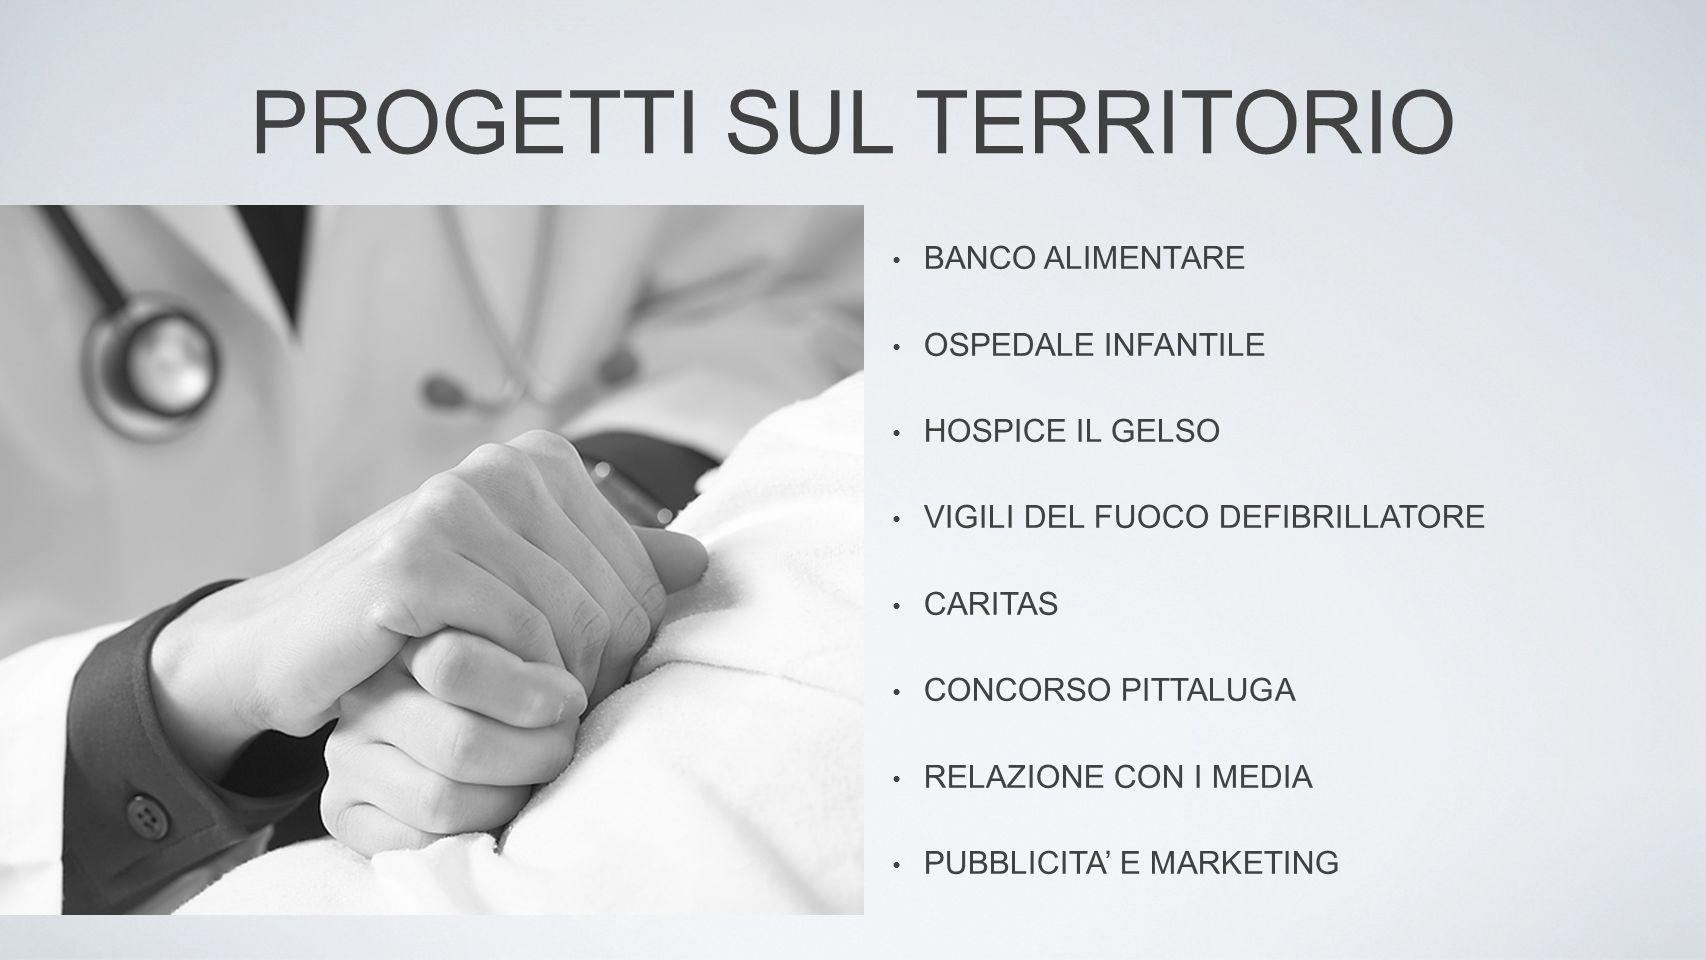 PROGETTI SUL TERRITORIO BANCO ALIMENTARE OSPEDALE INFANTILE HOSPICE IL GELSO VIGILI DEL FUOCO DEFIBRILLATORE CARITAS CONCORSO PITTALUGA RELAZIONE CON